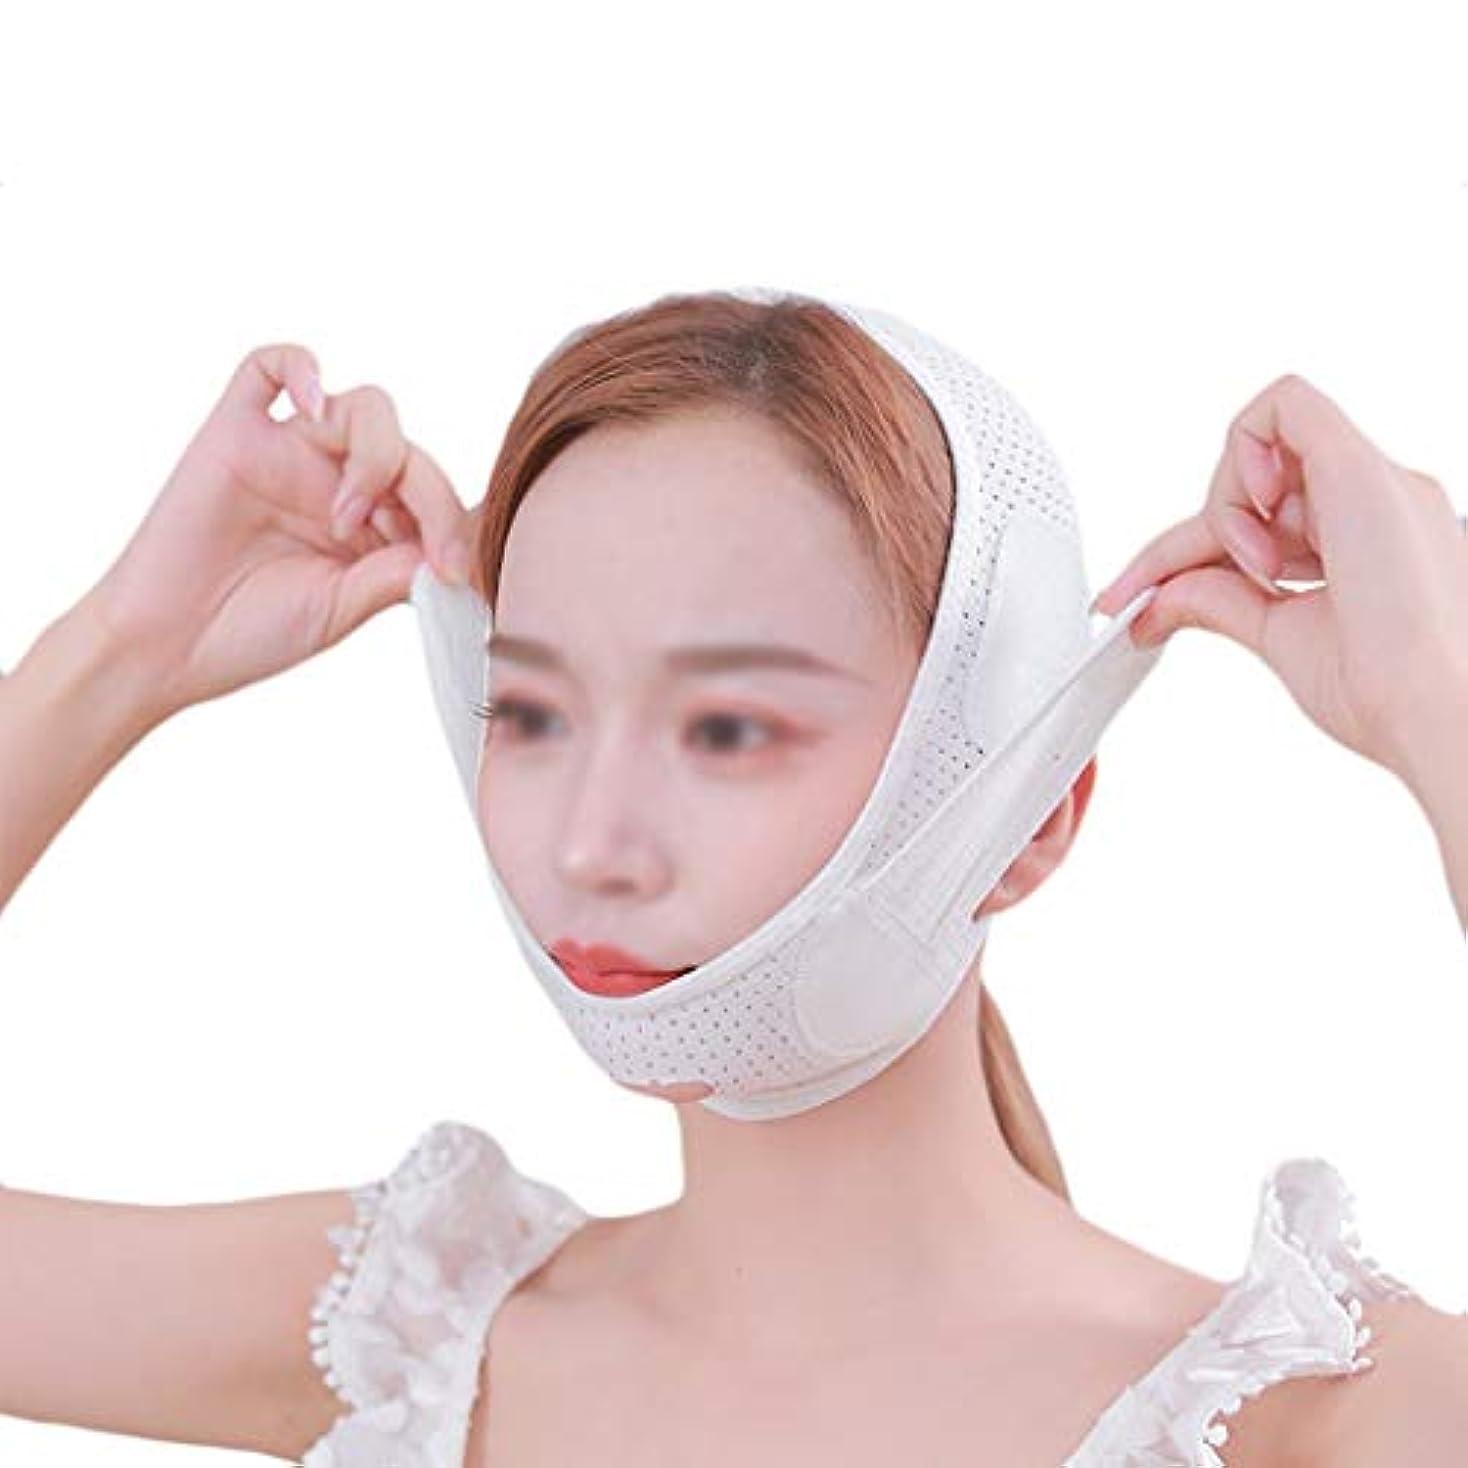 インテリア密天気XHLMRMJ フェイシャルリフティング包帯、頬痩身マスク包帯、フェイスリフティングファーミングフェイスリフティング、リフティングダブルチンフェイシャルマスク(ホワイト、フリーサイズ)